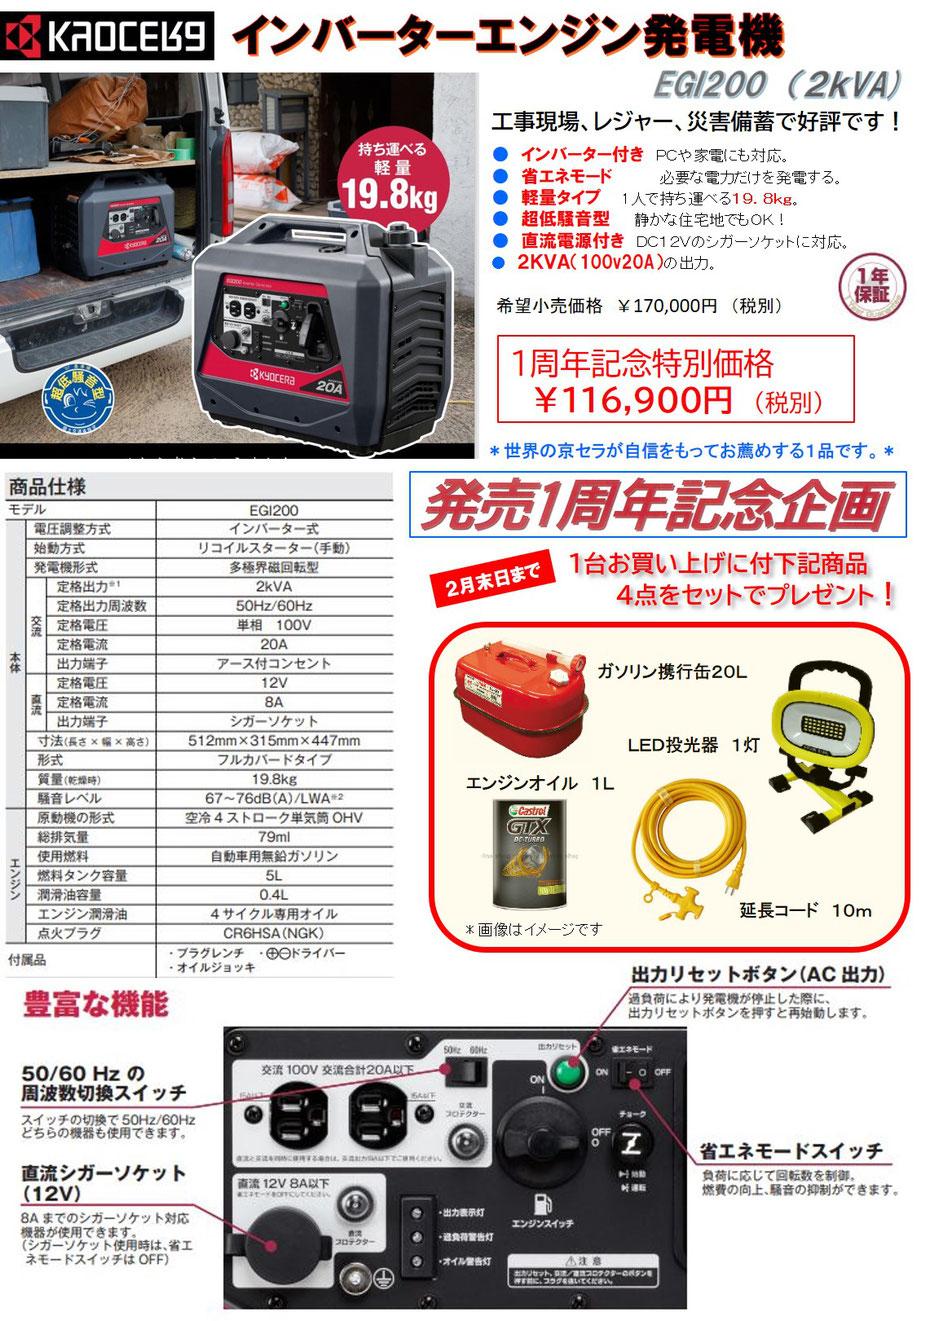 インバーターエンジン発電機,EGI200(2KVA)販売